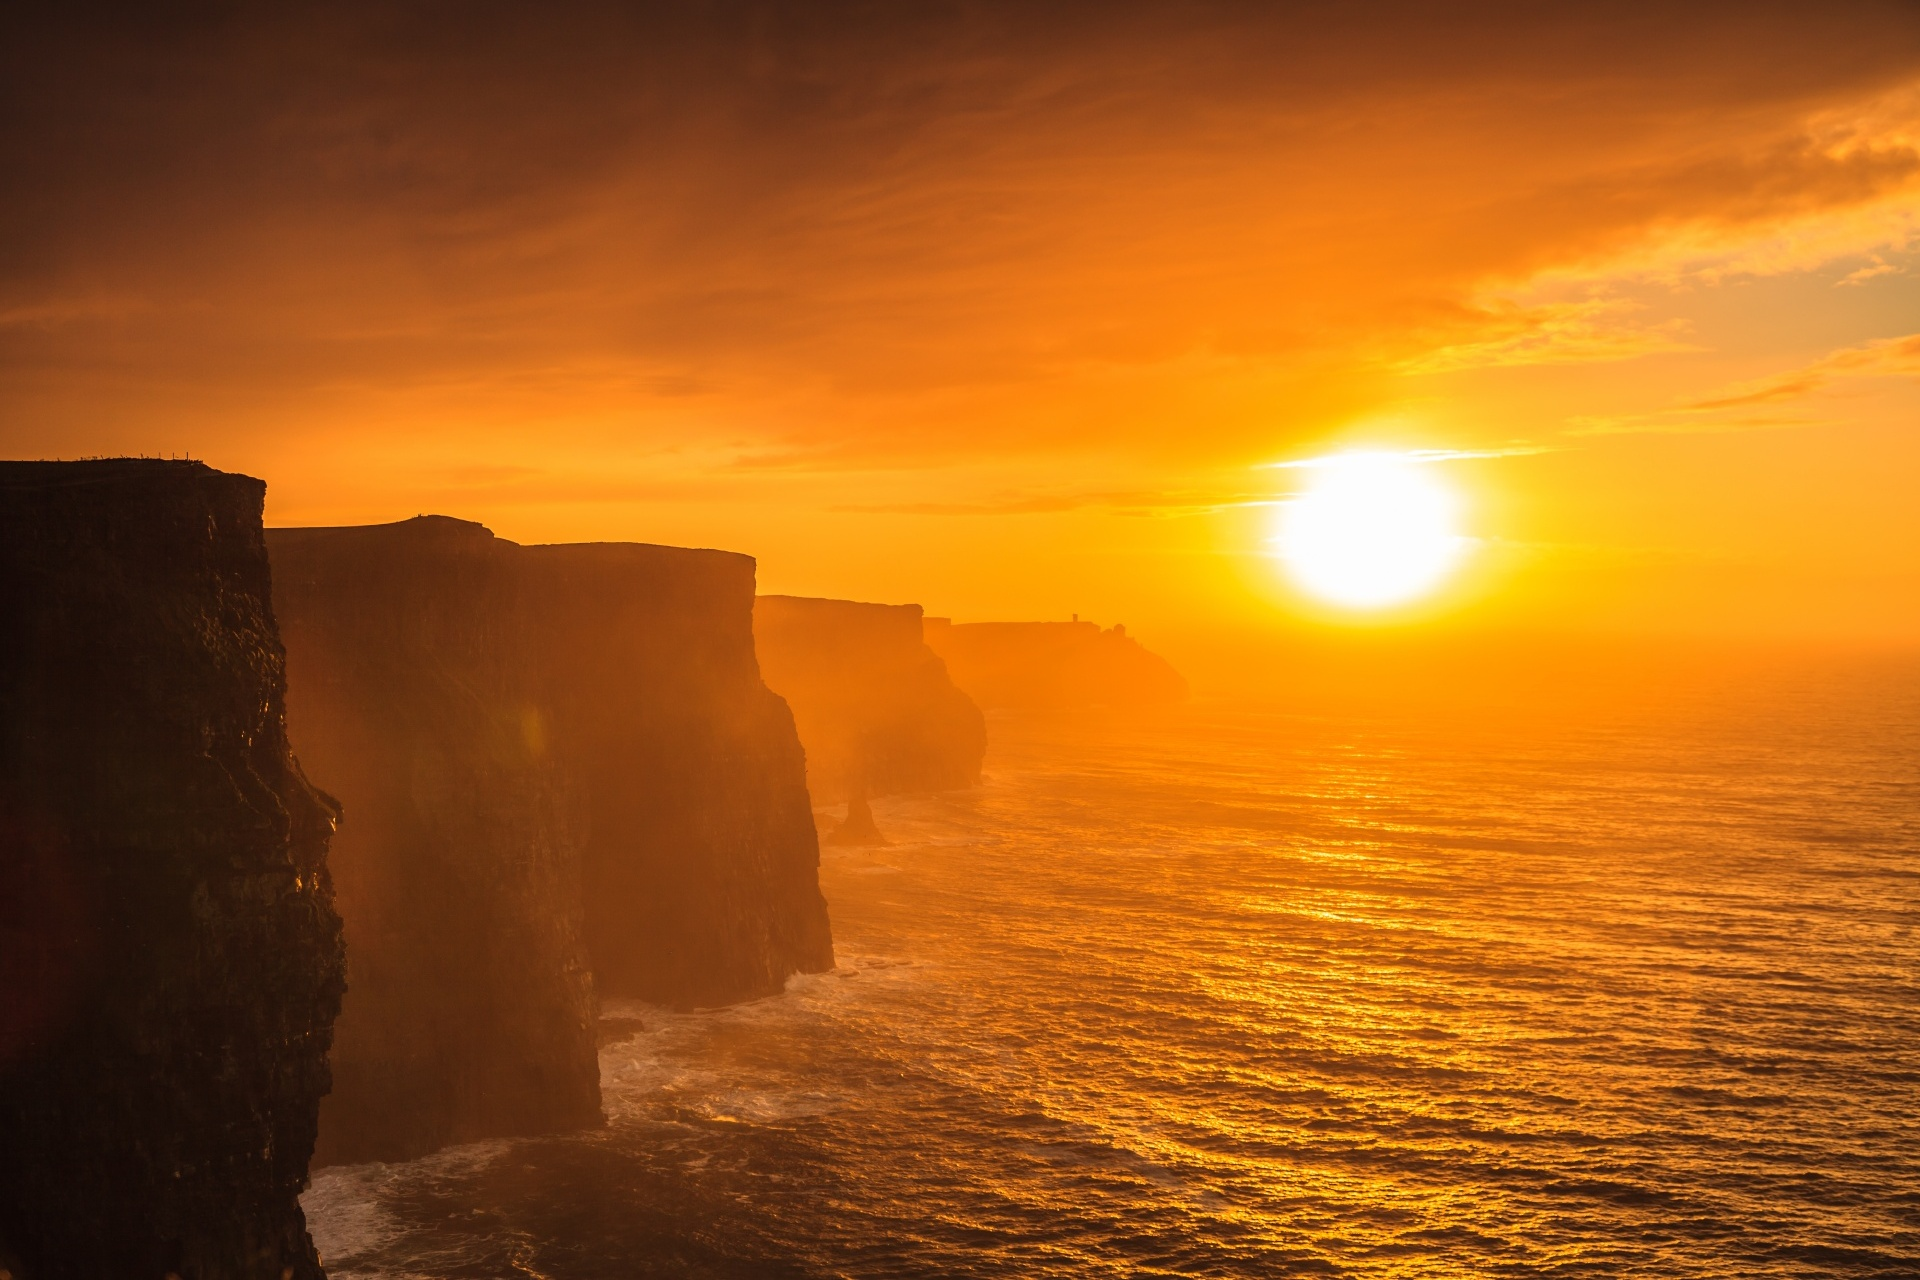 モハーの断崖と夕日 アイルランドの風景